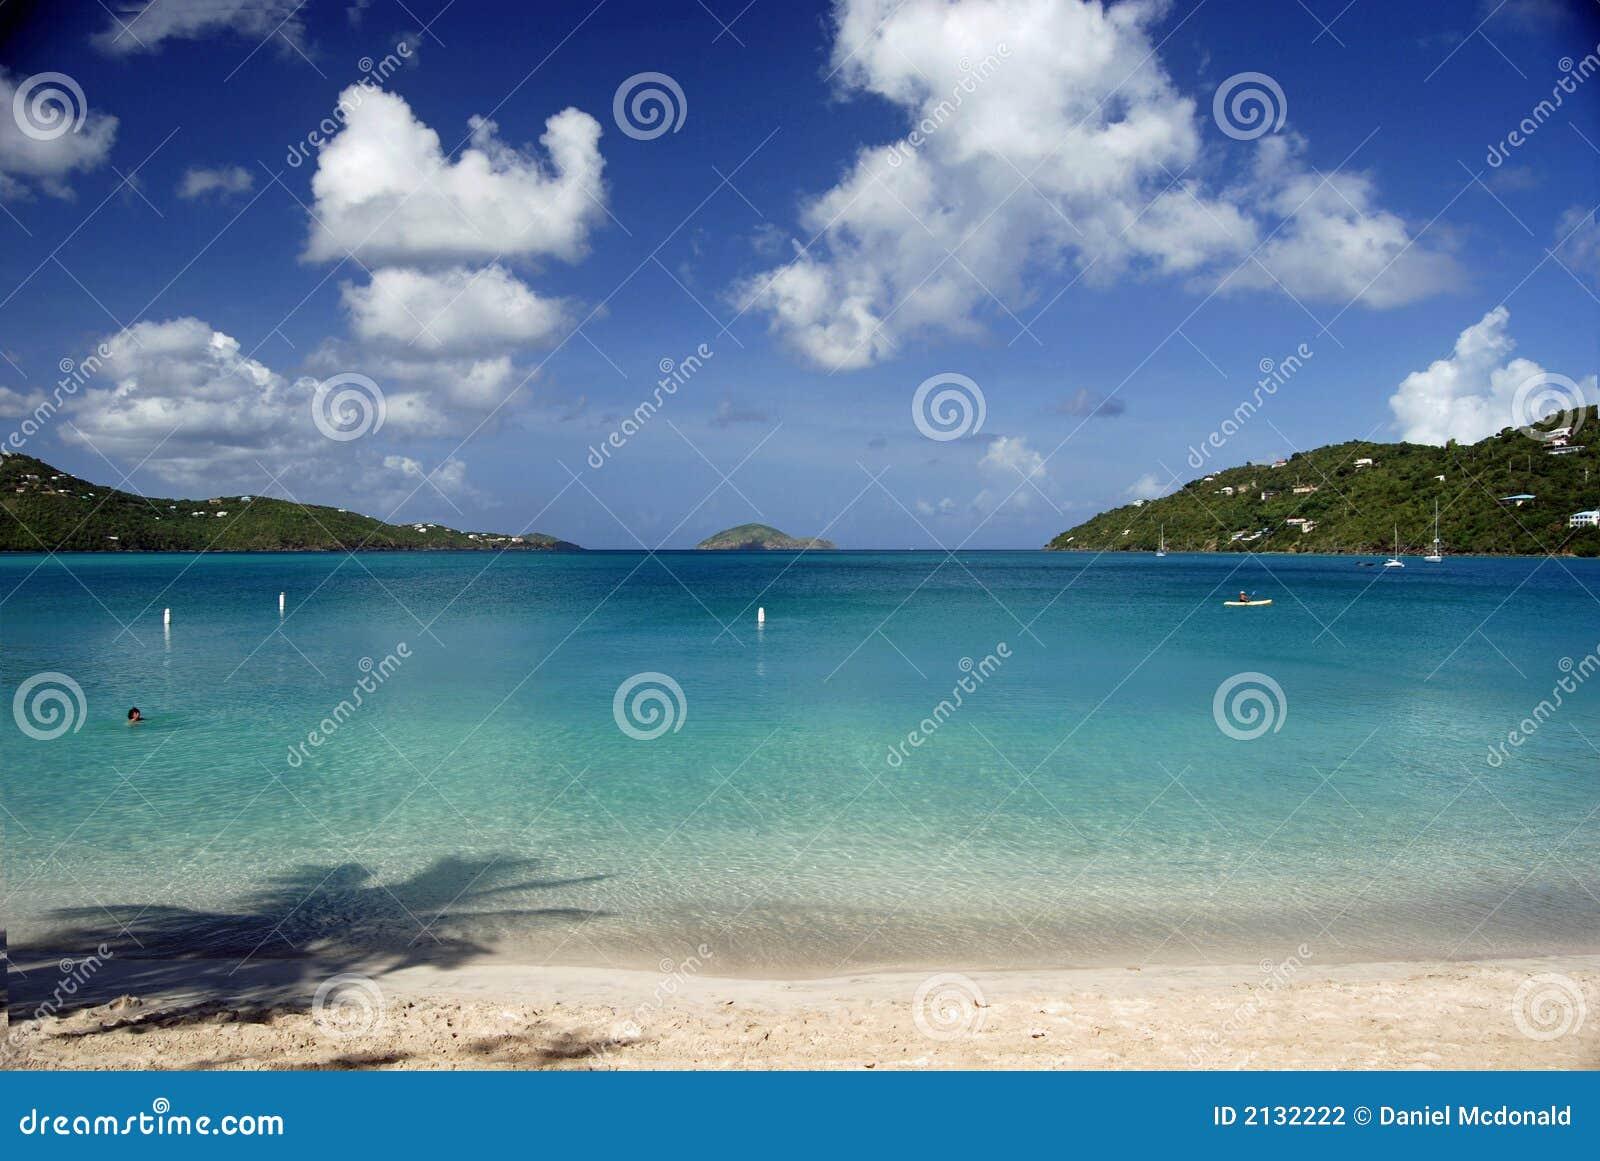 Virgin Islands Prices